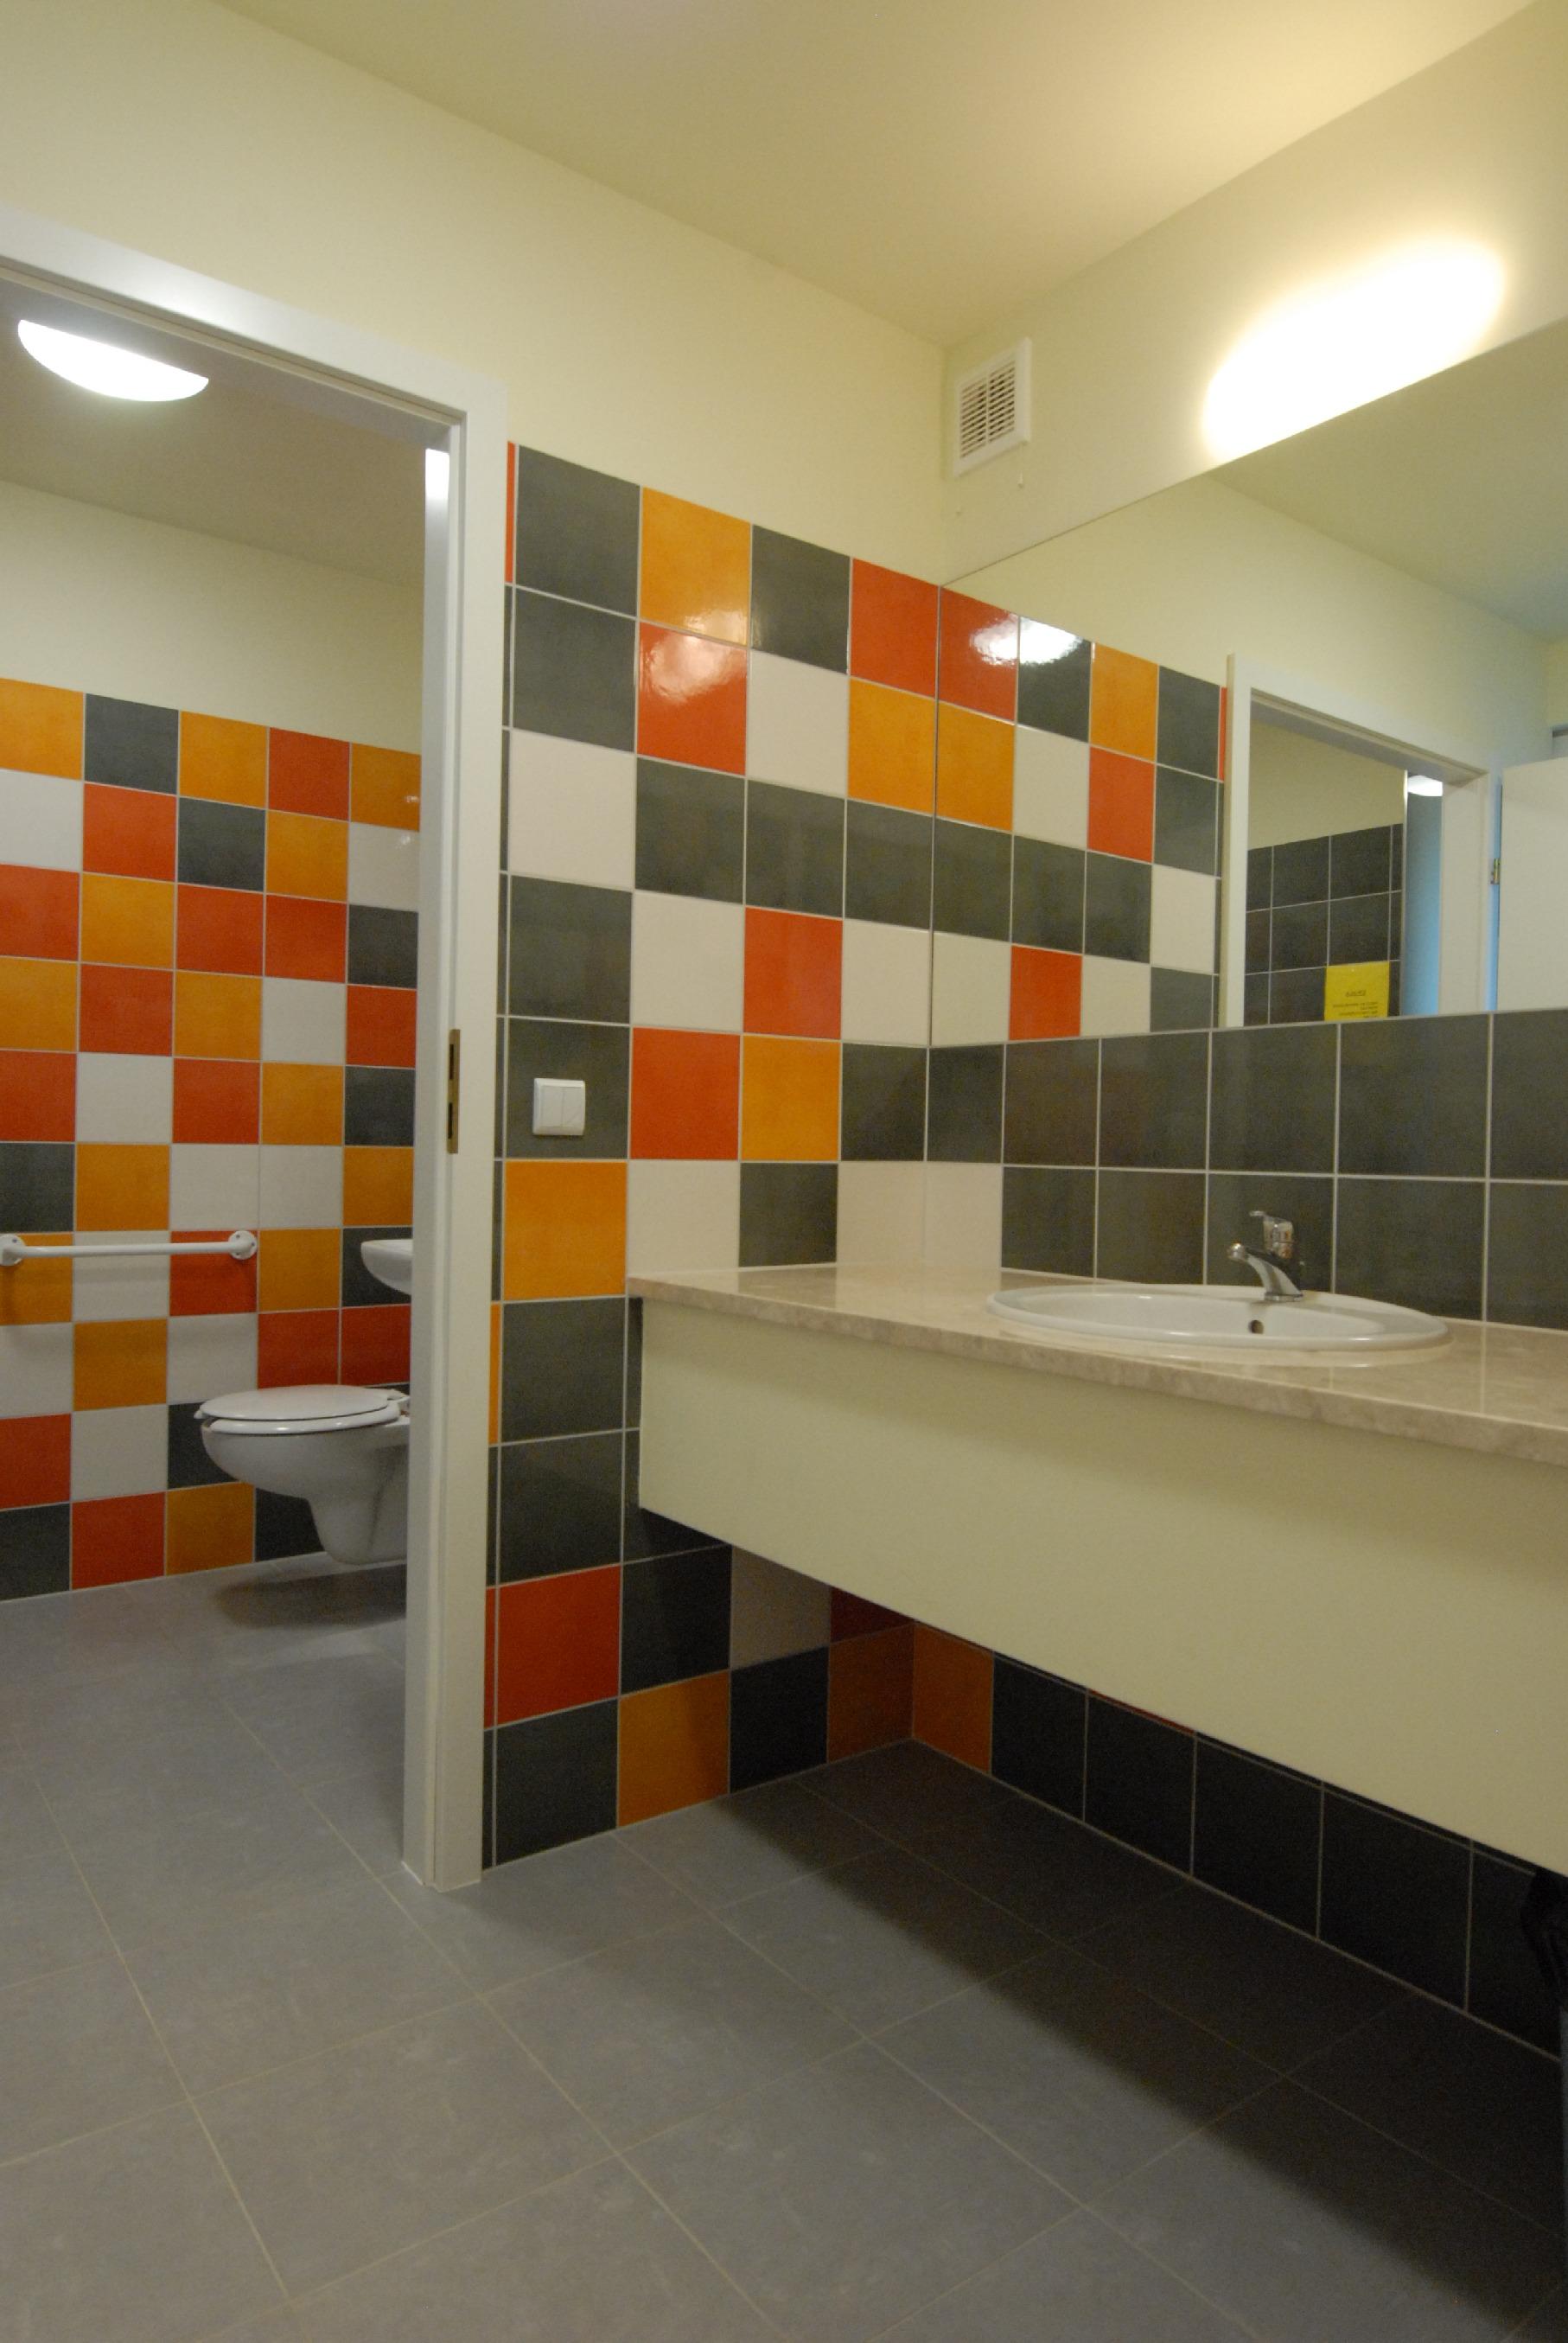 Kolorowa publiczna toaleta w przychodni